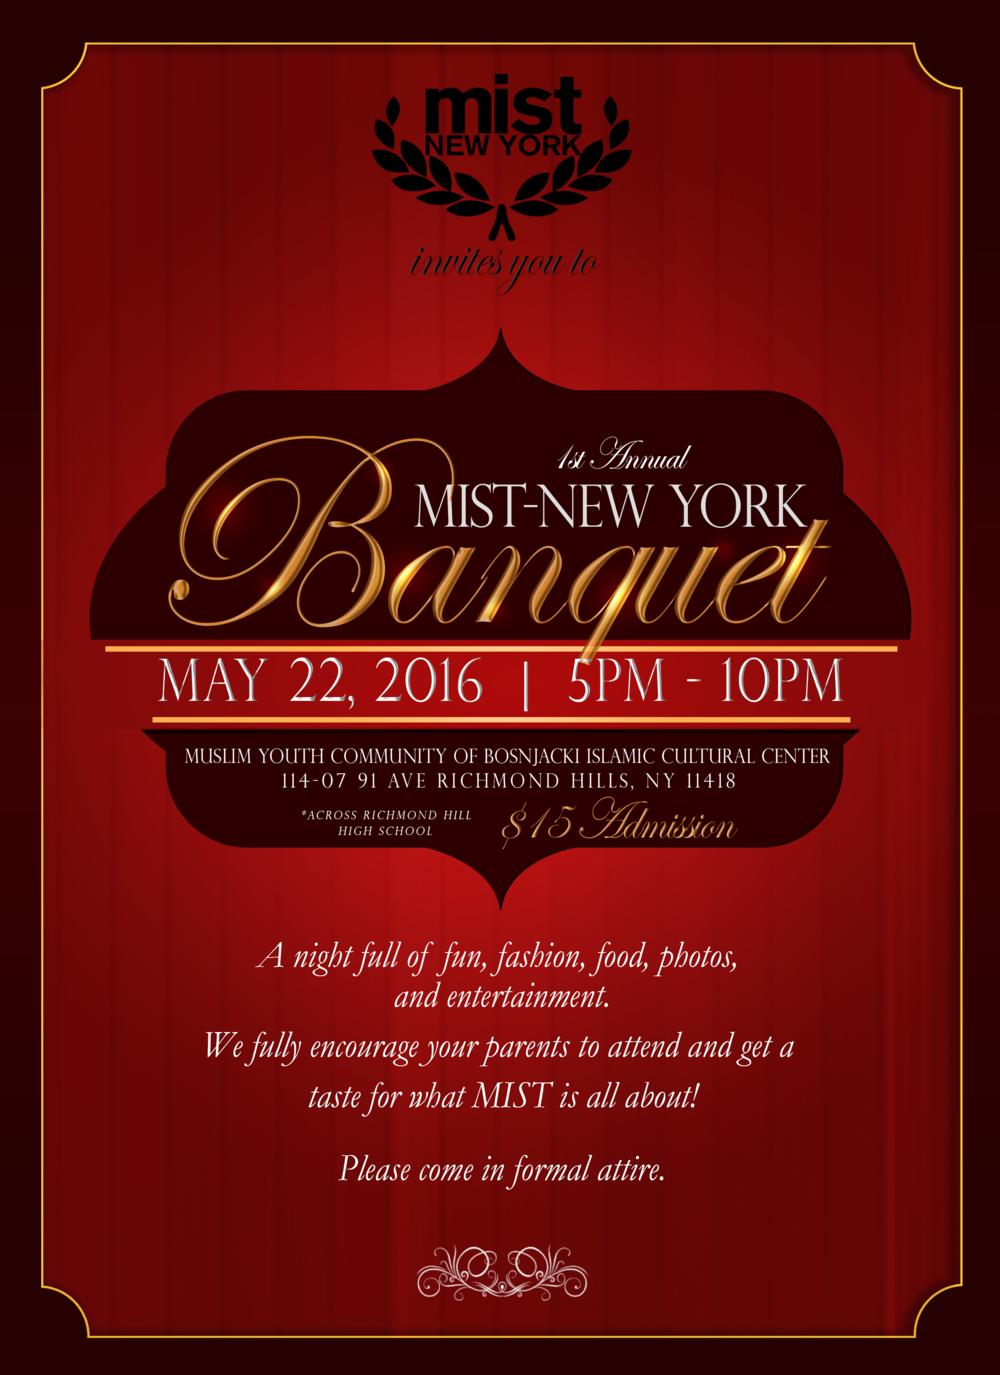 MIST NY Banquet.png